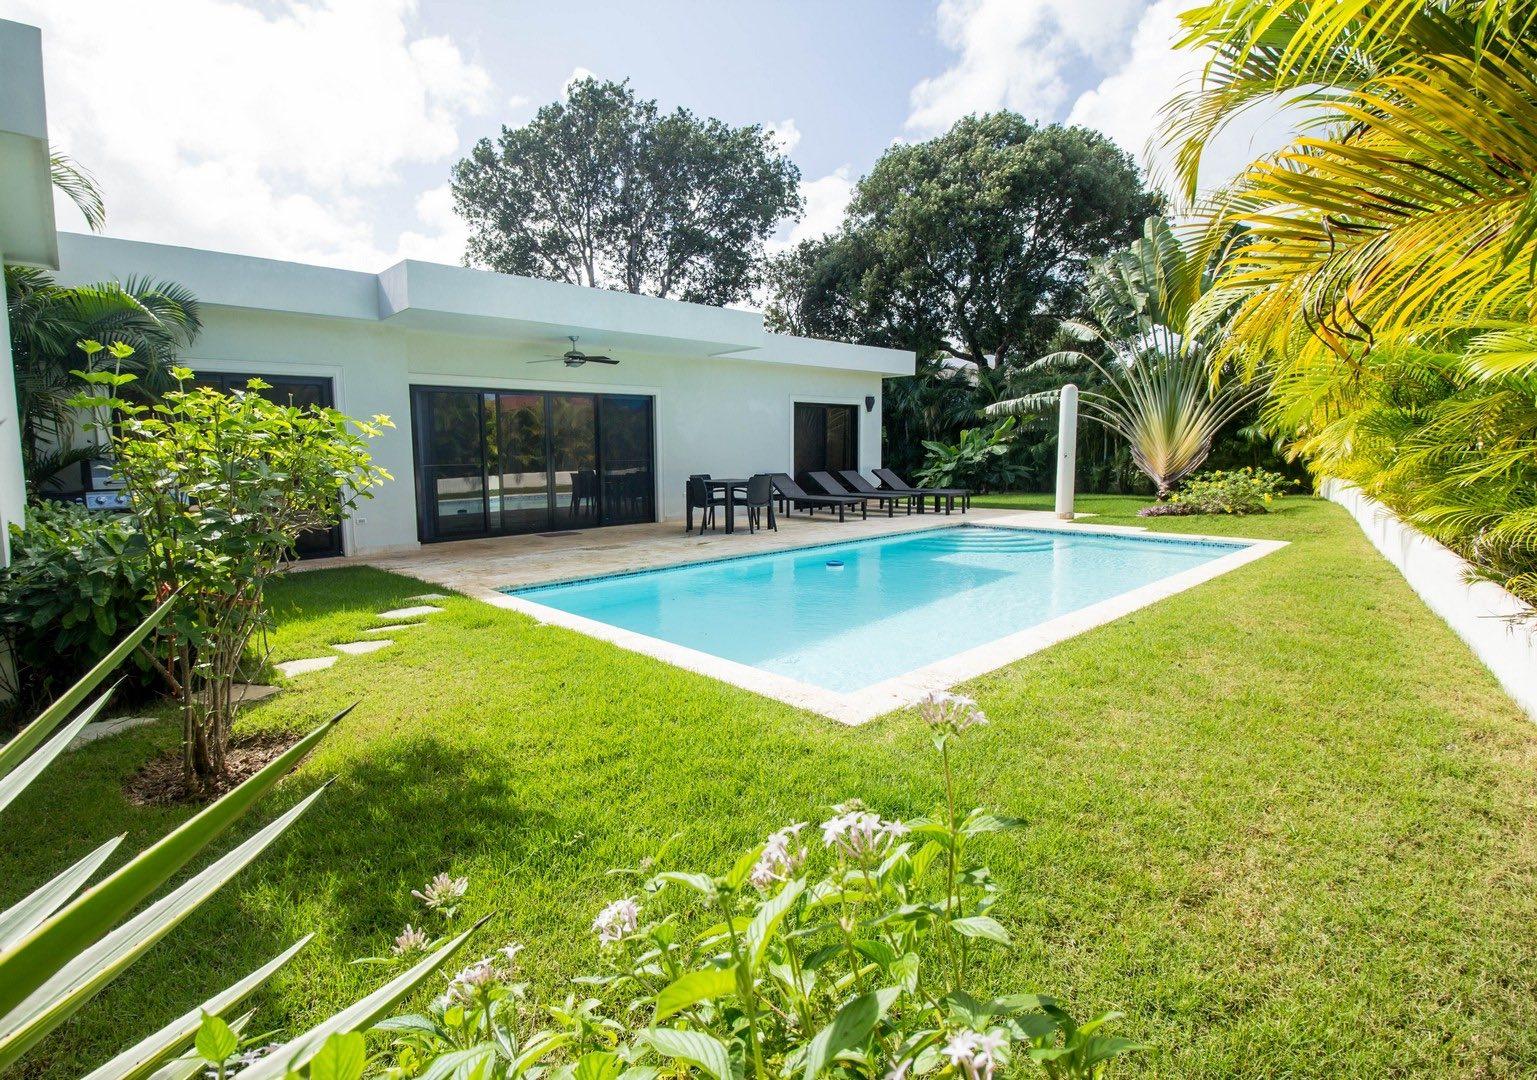 2 Bedroom Sosua Villa Rental Ref#1566